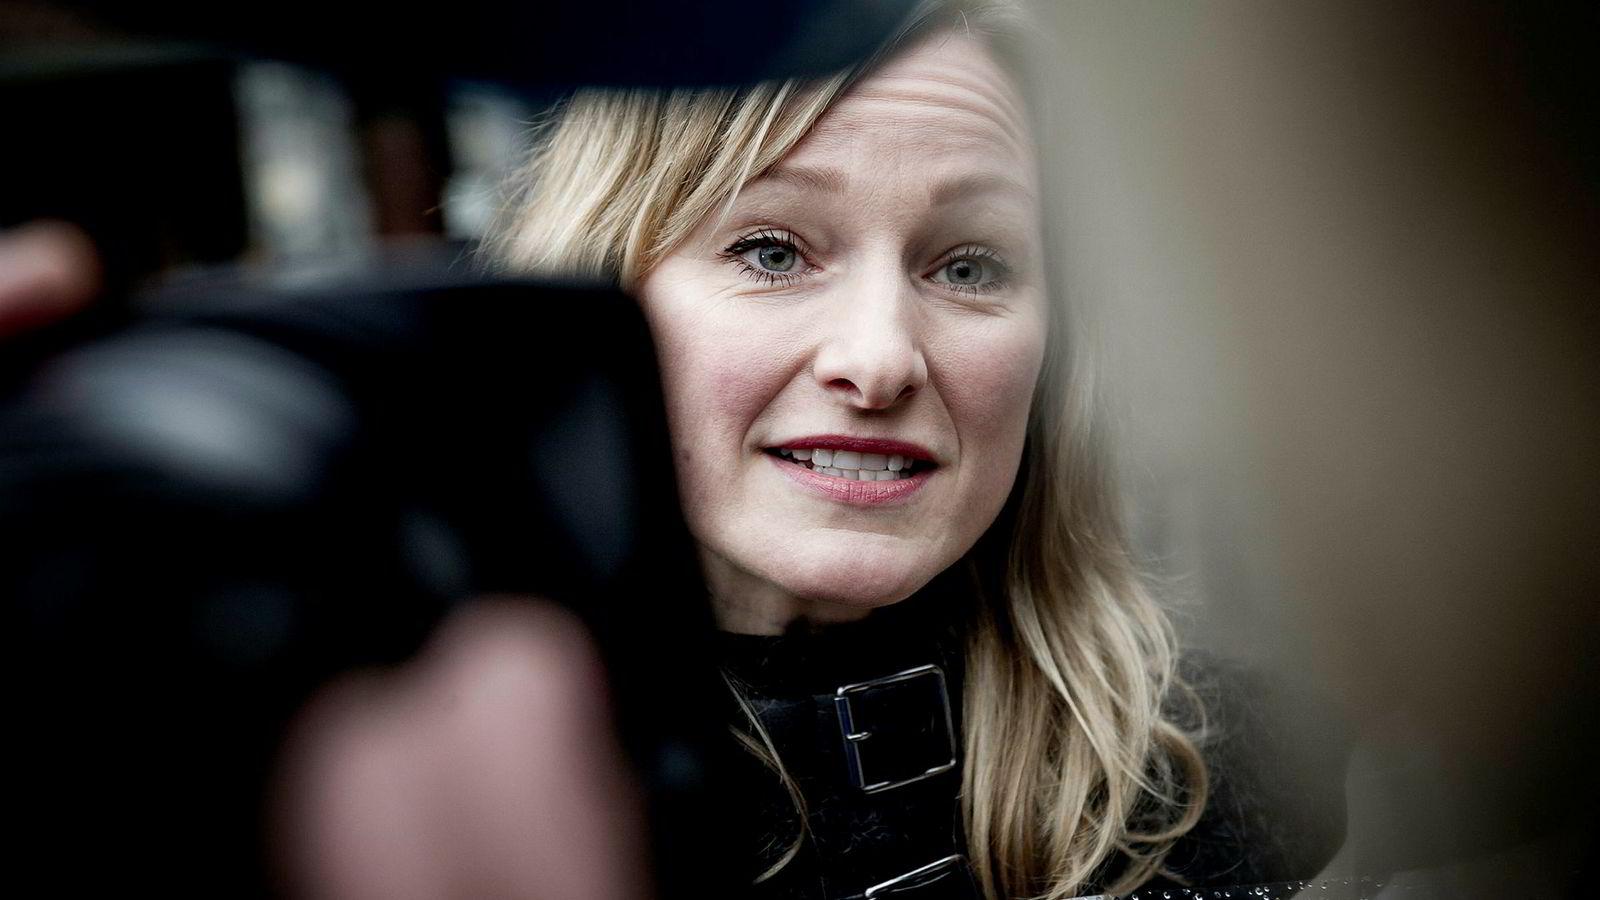 – At noen kan stille spørsmål ved om inntjeningshensyn veier tyngre enn barnets beste, gjør at vi alle burde tenke oss om, sier Inga Marte Thorkildsen, oppvekstbyråd i Oslo, til Klassekampen fredag.